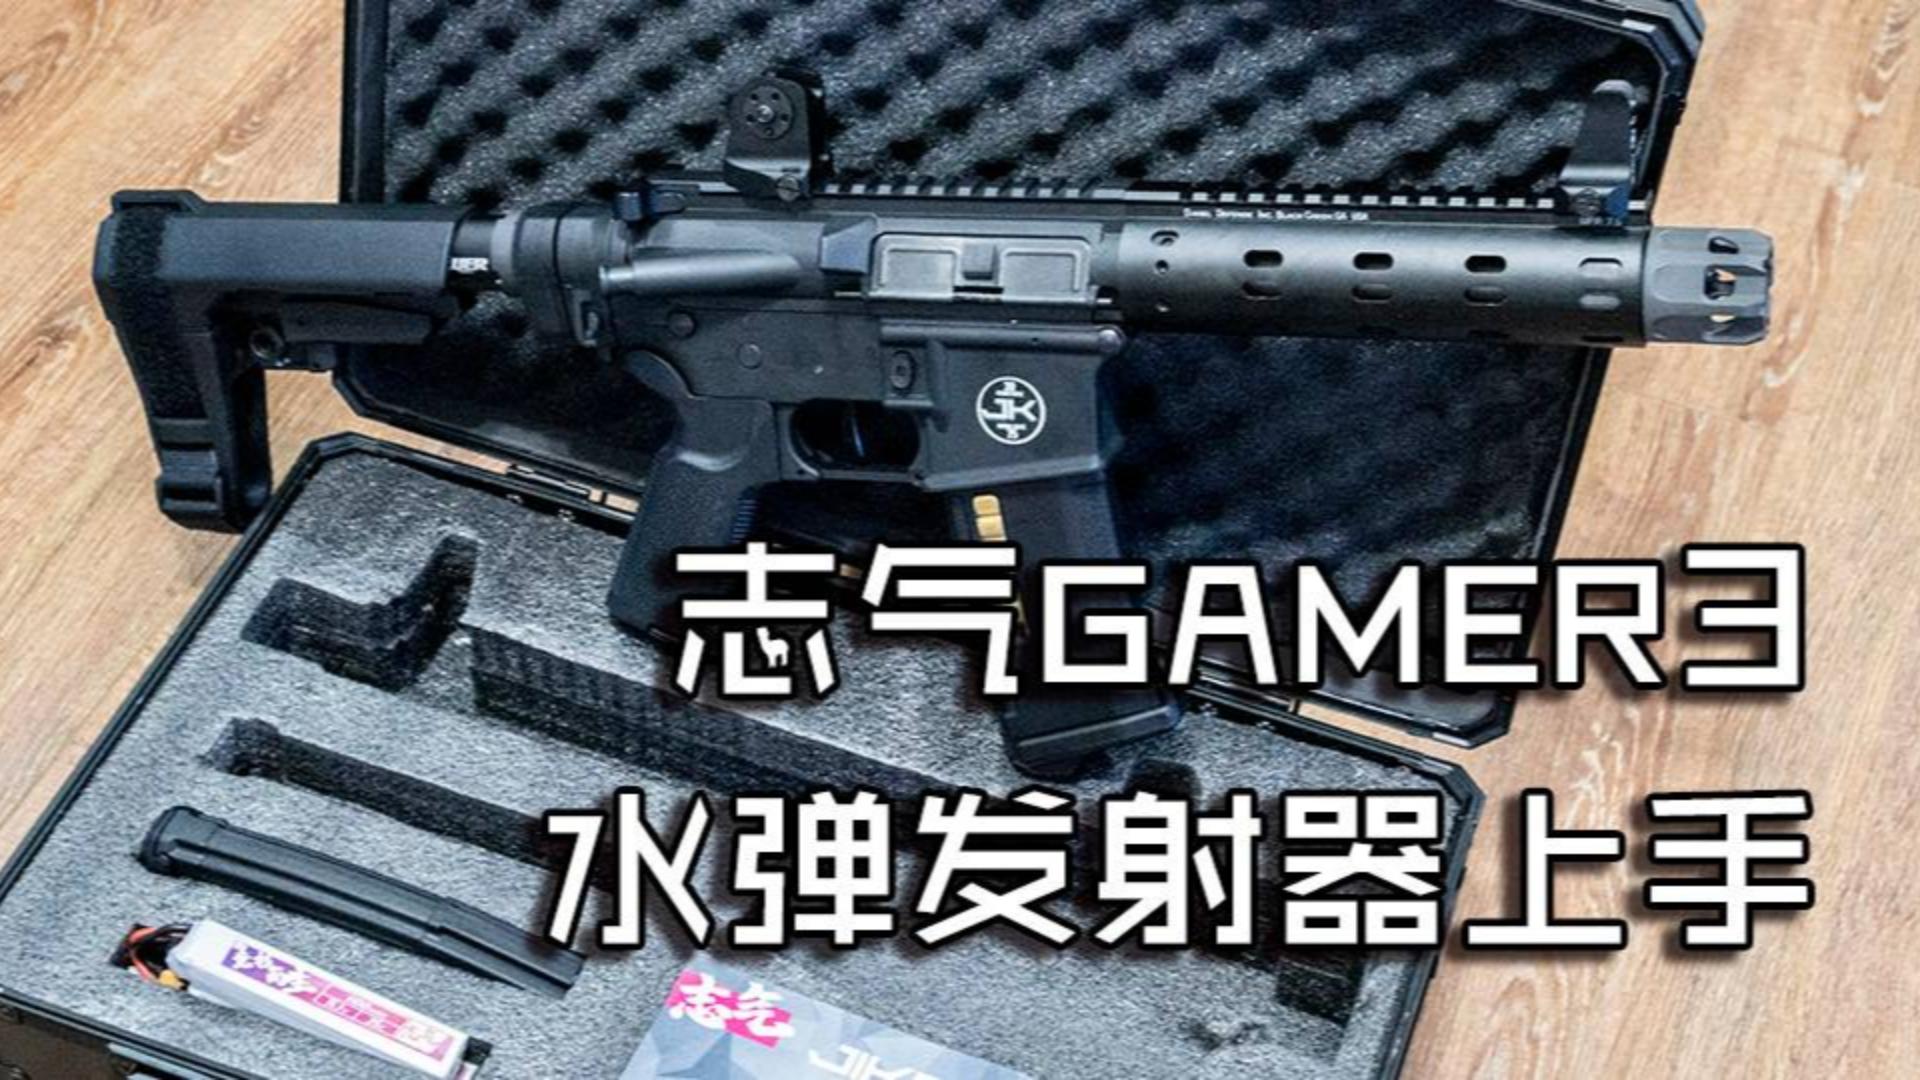 【玩弹】私人定制,土豪专属——志气gamer3水弹发射器上手